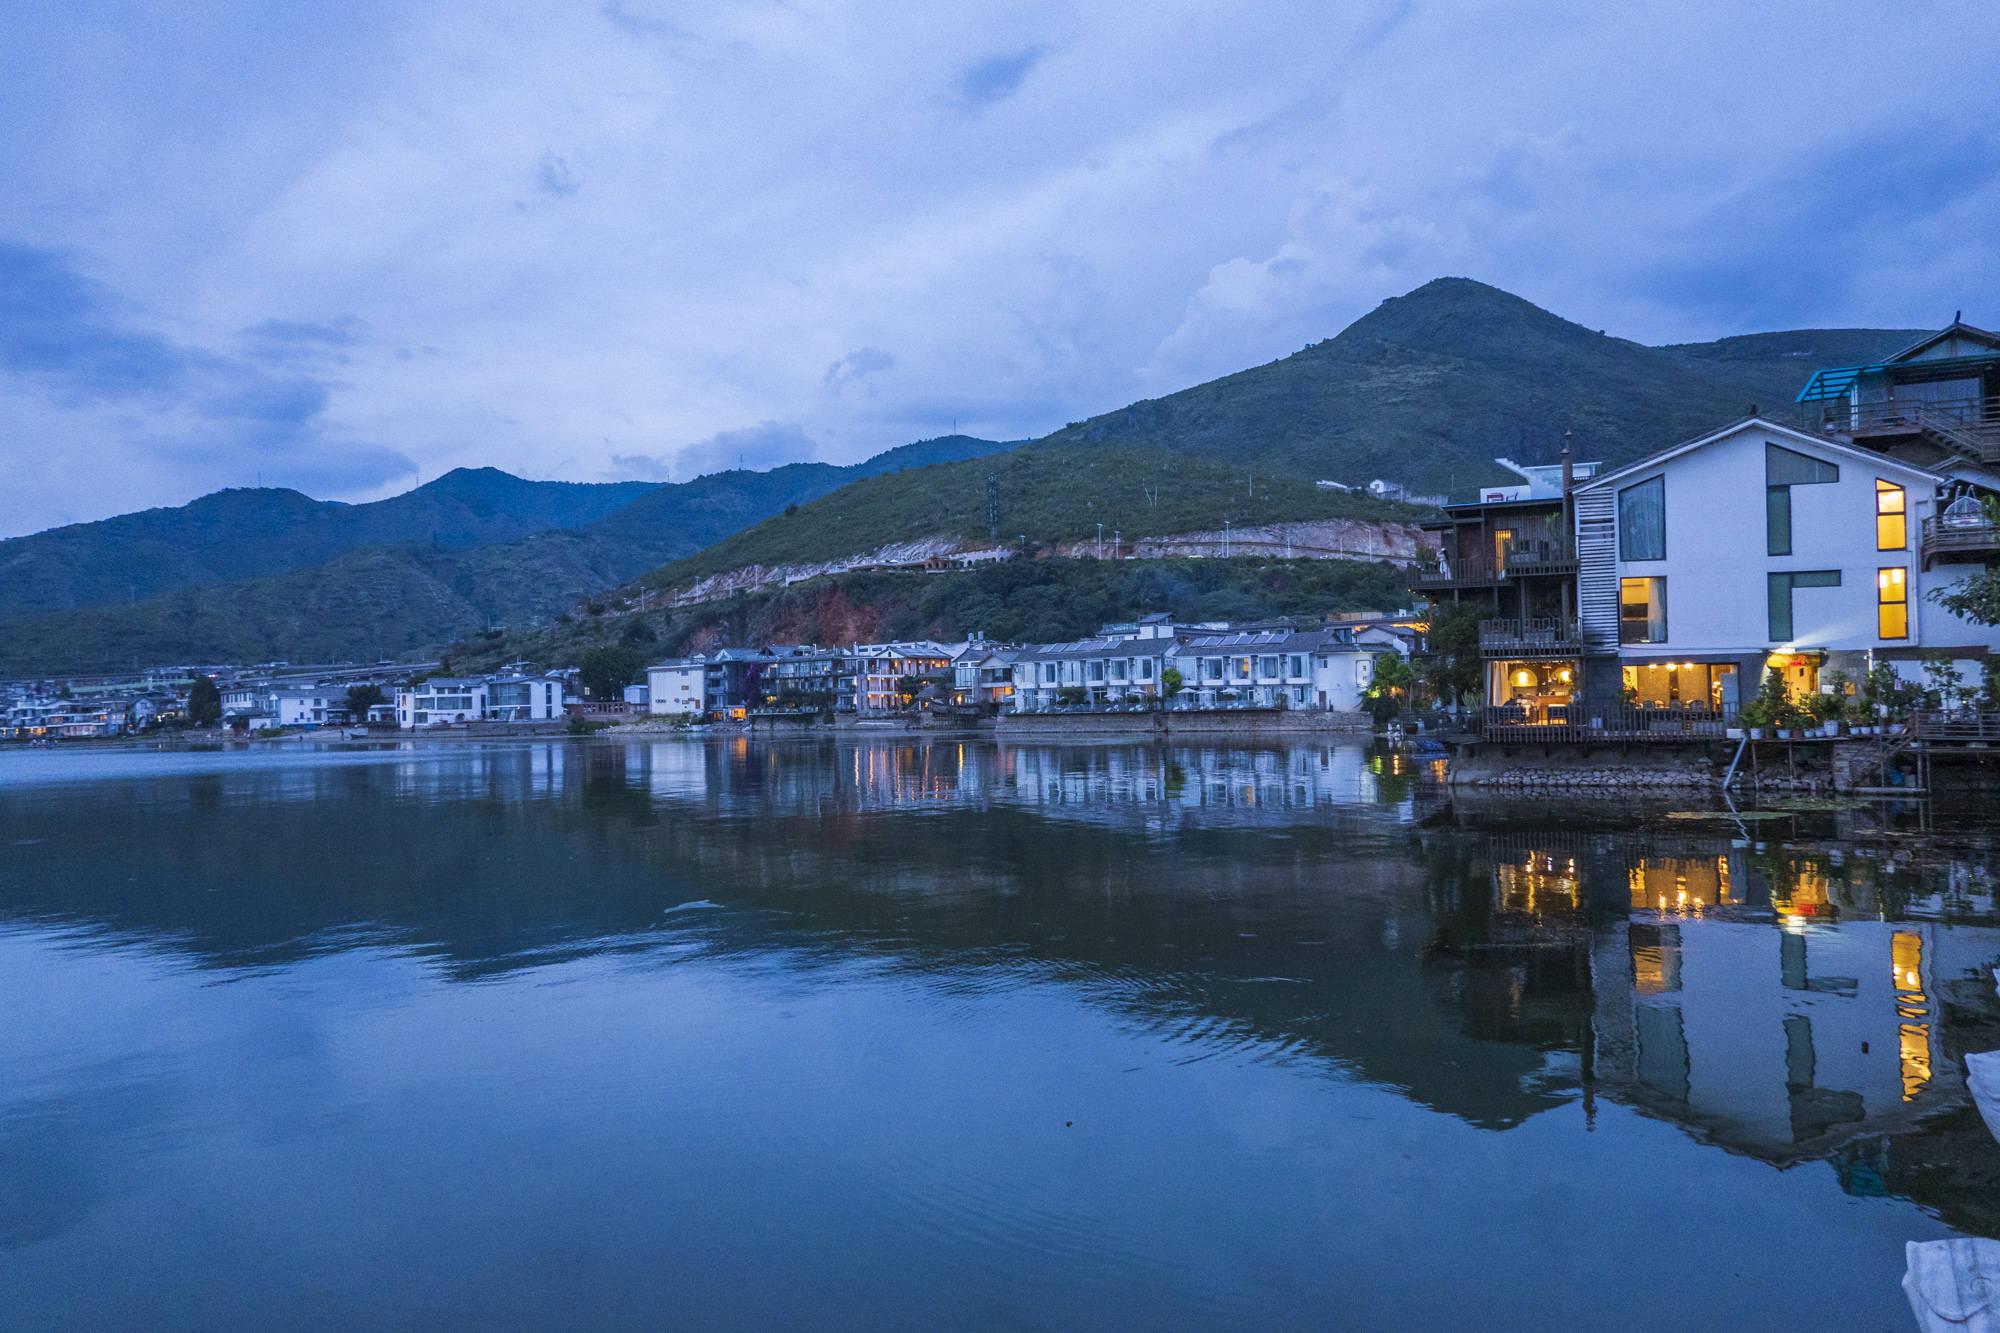 原创             真实的双廊,夜景真的美,参观杨丽萍豪宅,得先花一百元买杯咖啡